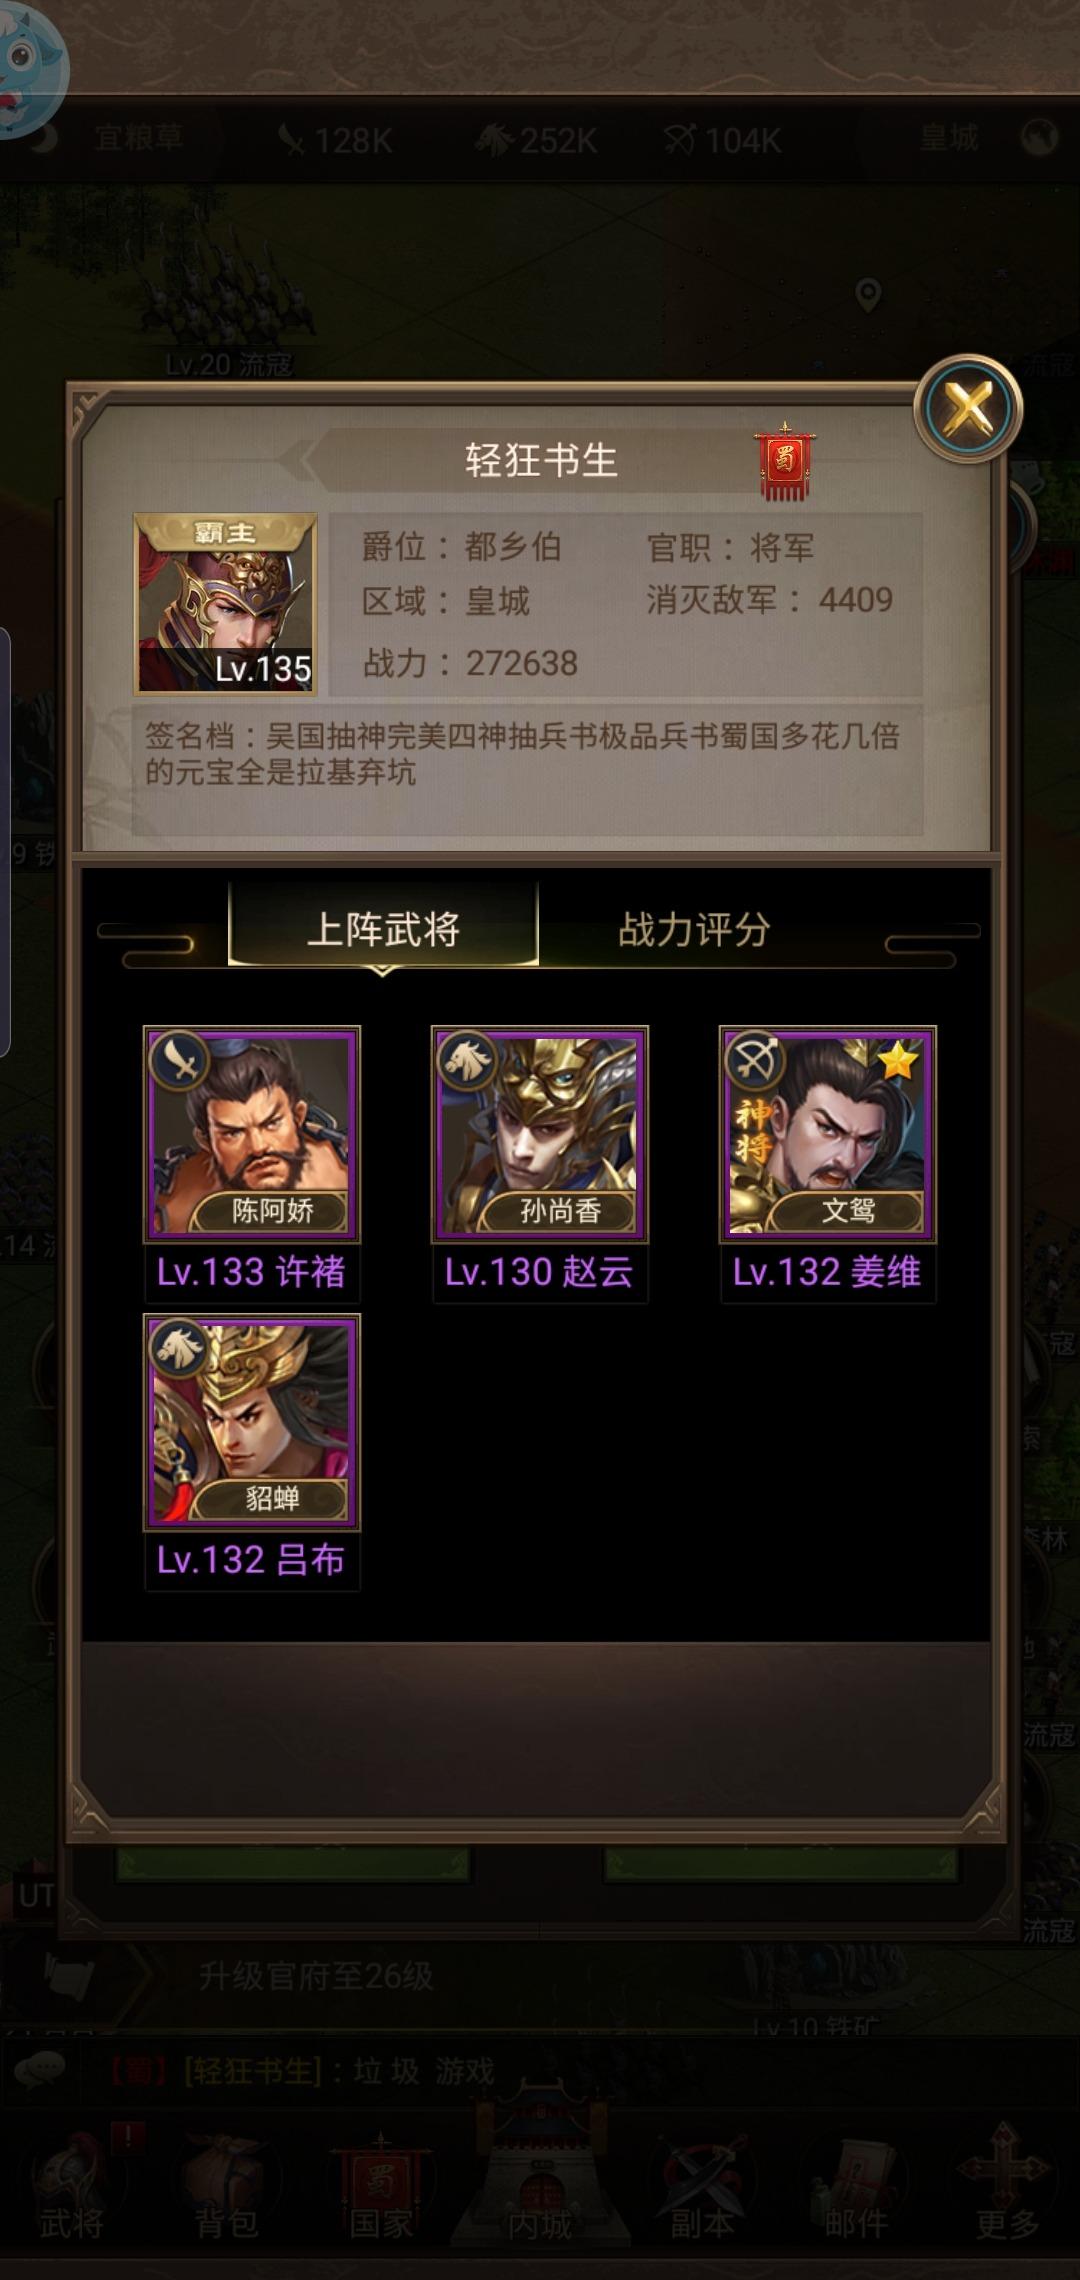 Screenshot_20191020-053718.jpg